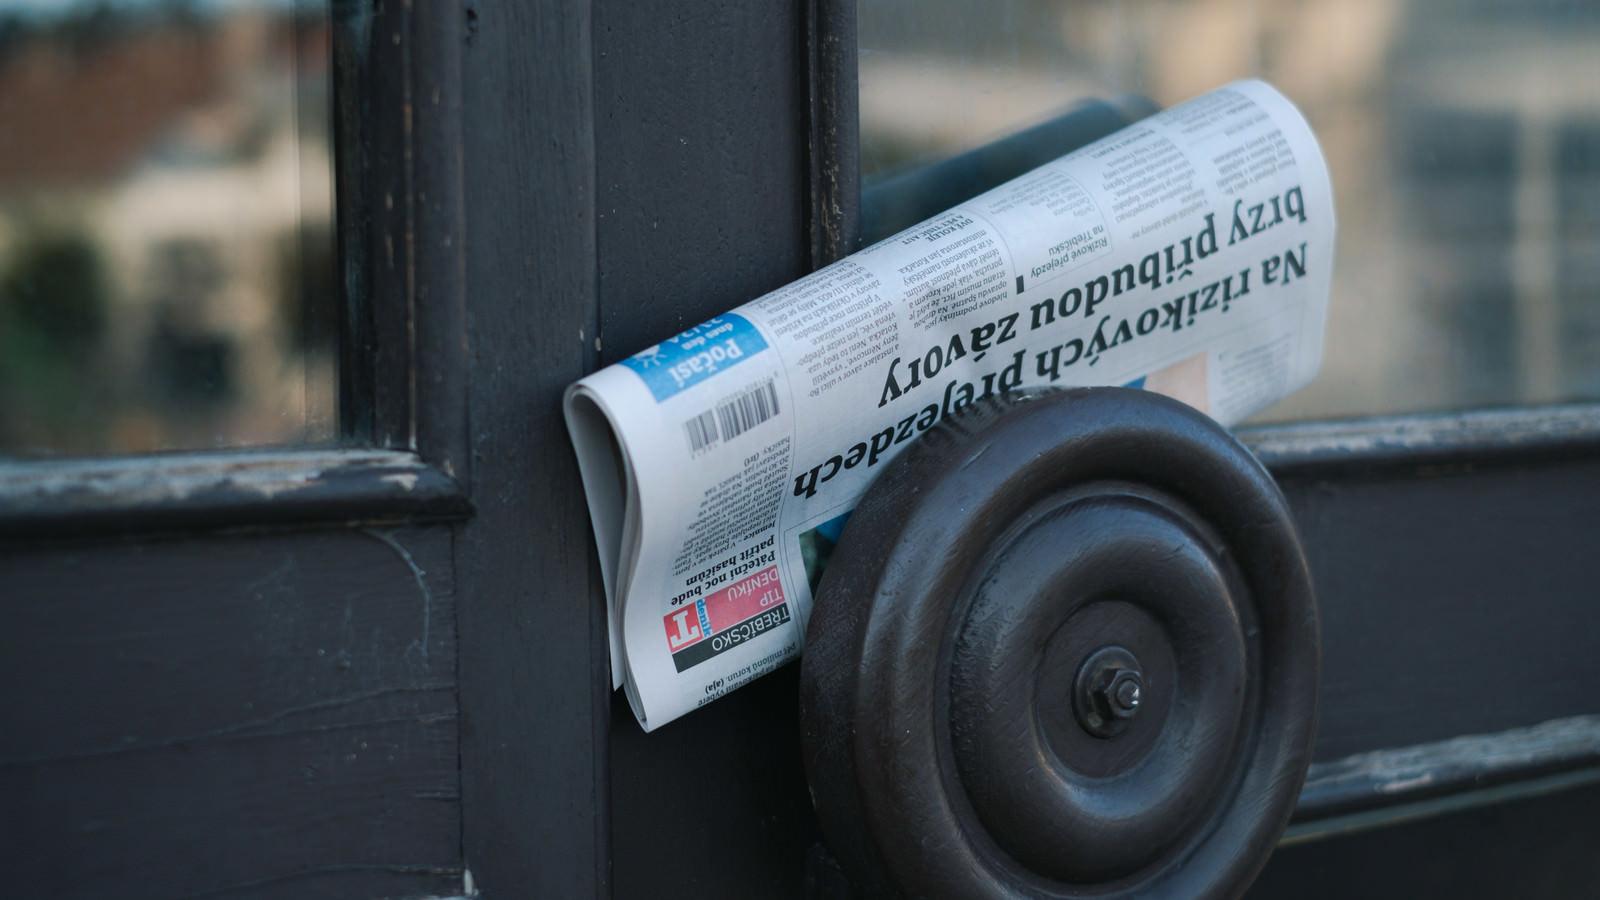 「取っ手に配達された新聞紙」の写真